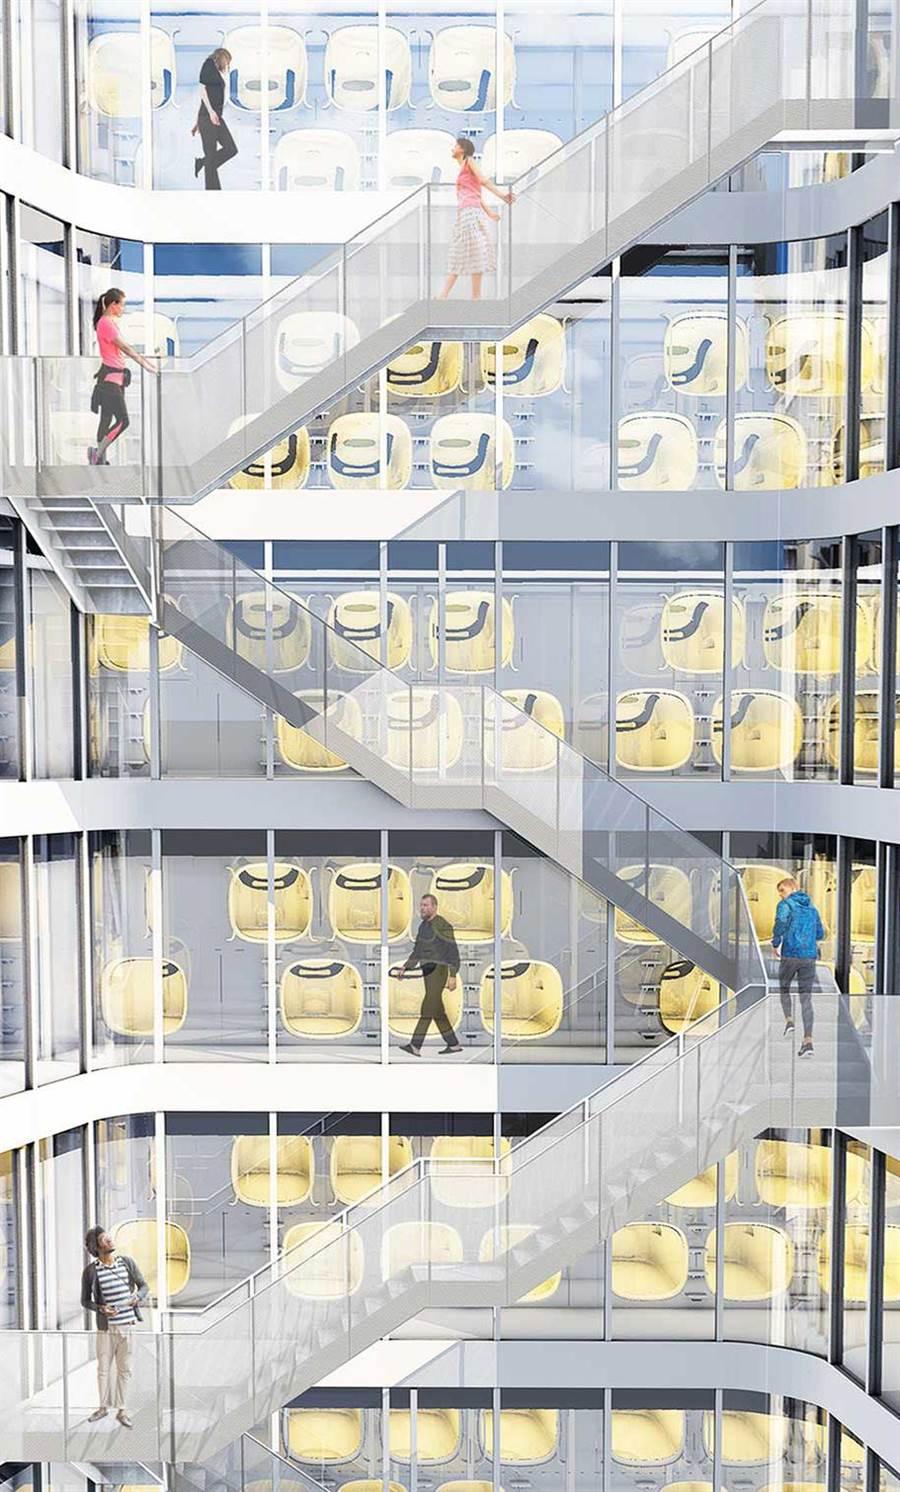 膠囊旅館以舒適環境搭配便利交通,吸引外國旅客入住。(圖片取自StoriesMag Blog)